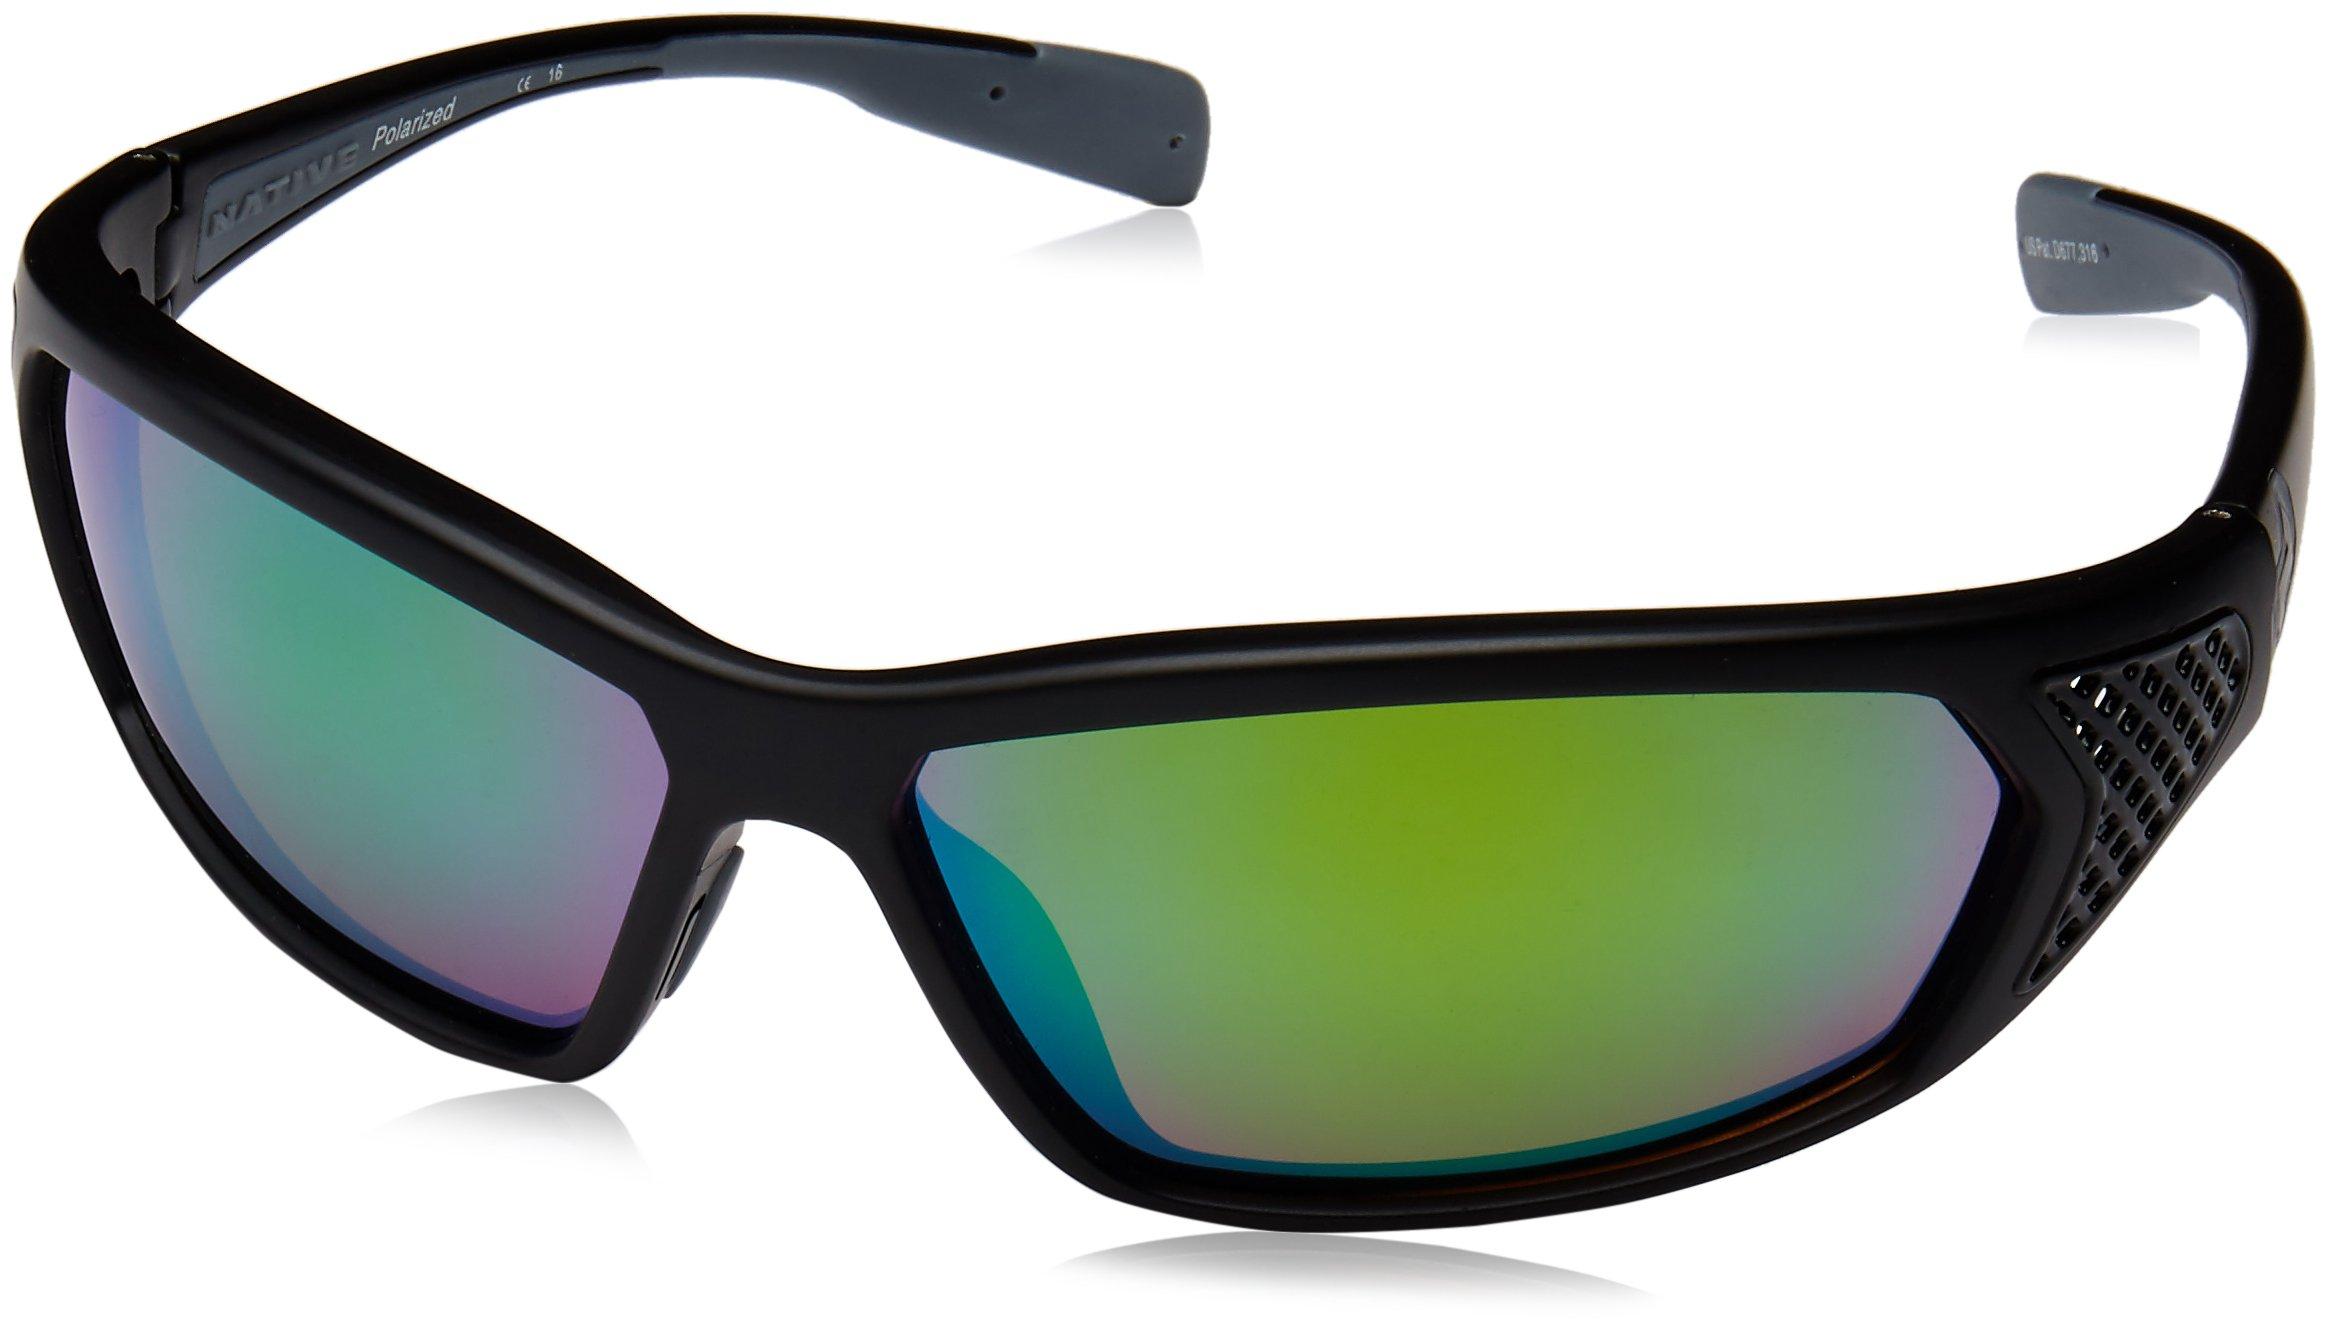 Native Eyewear Andes Polarized Sunglasses, Asphalt/Iron